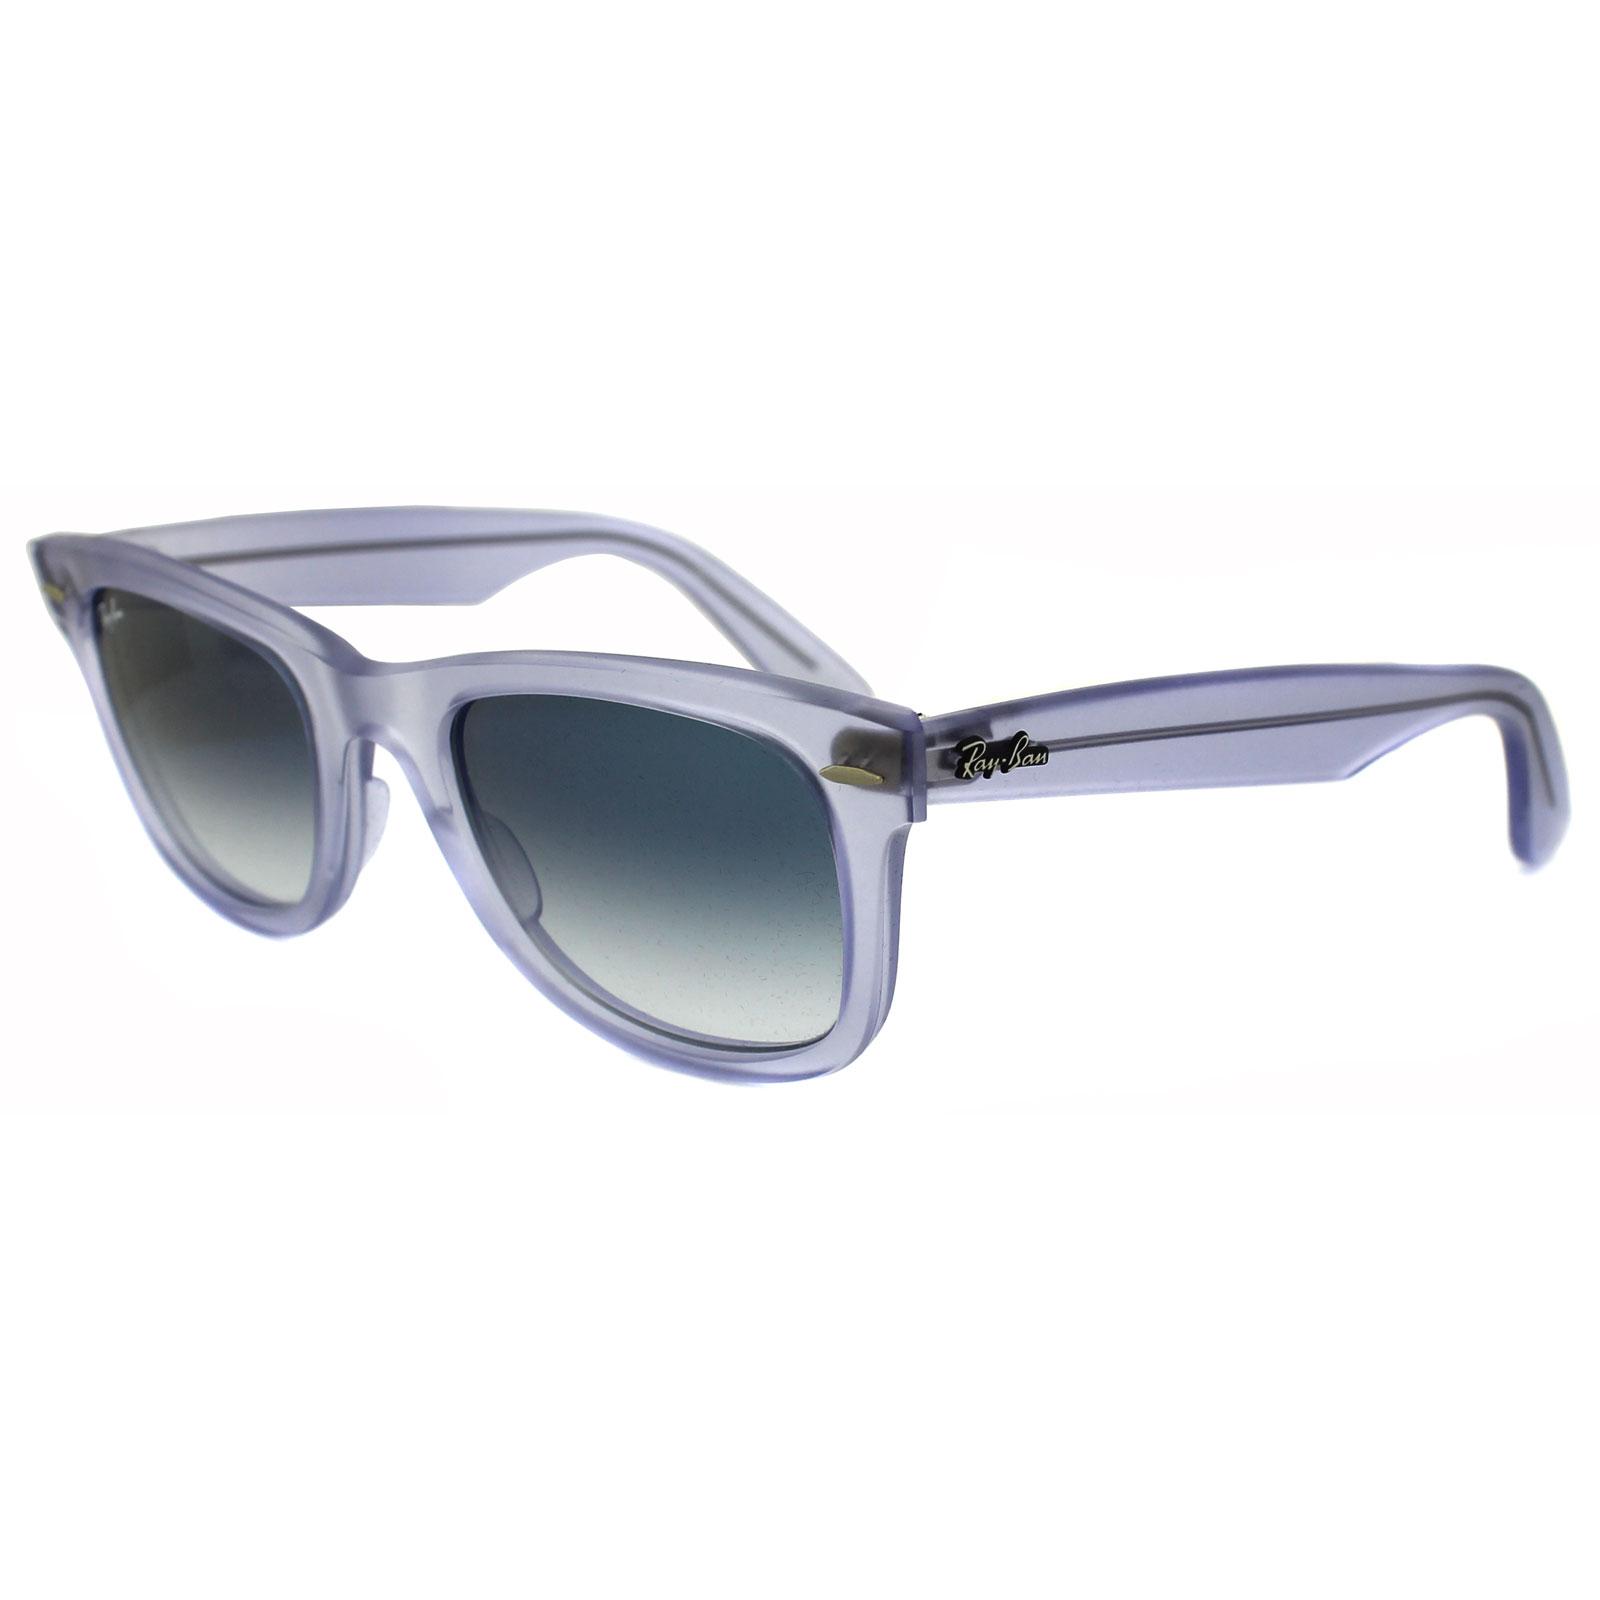 ray ban lunettes de soleil wayfarer 2140 60603f glace l. Black Bedroom Furniture Sets. Home Design Ideas